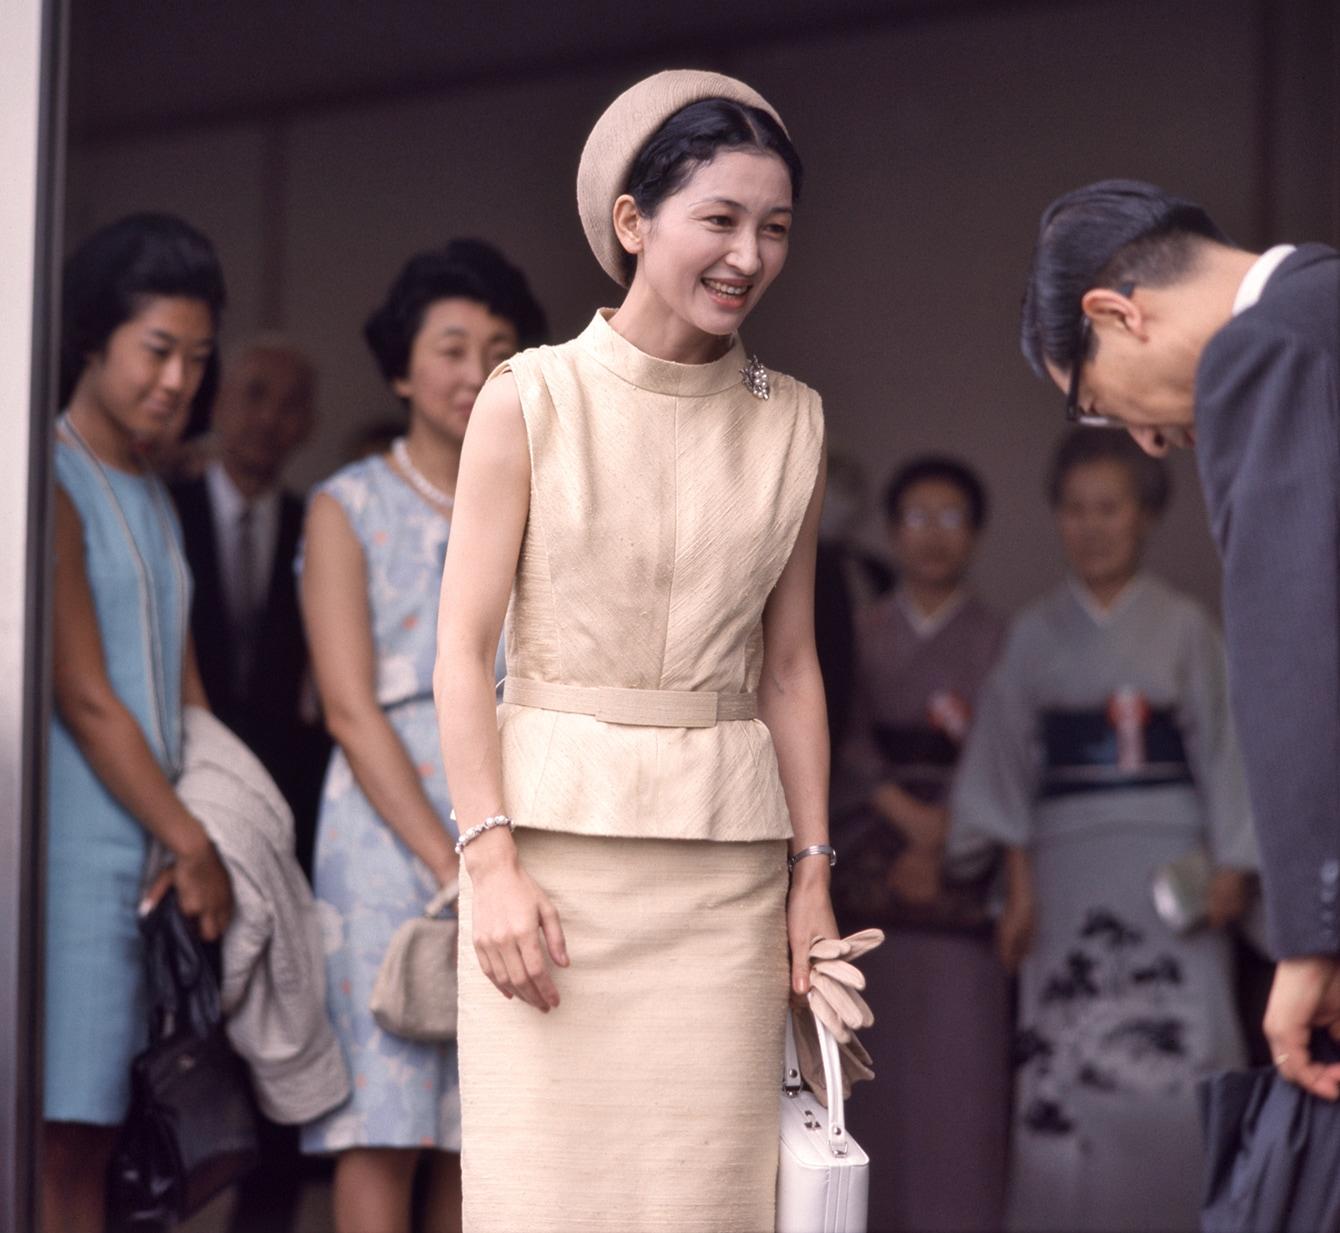 【美智子さまファッション】ミモレ読者に人気のコーディネートトップ5